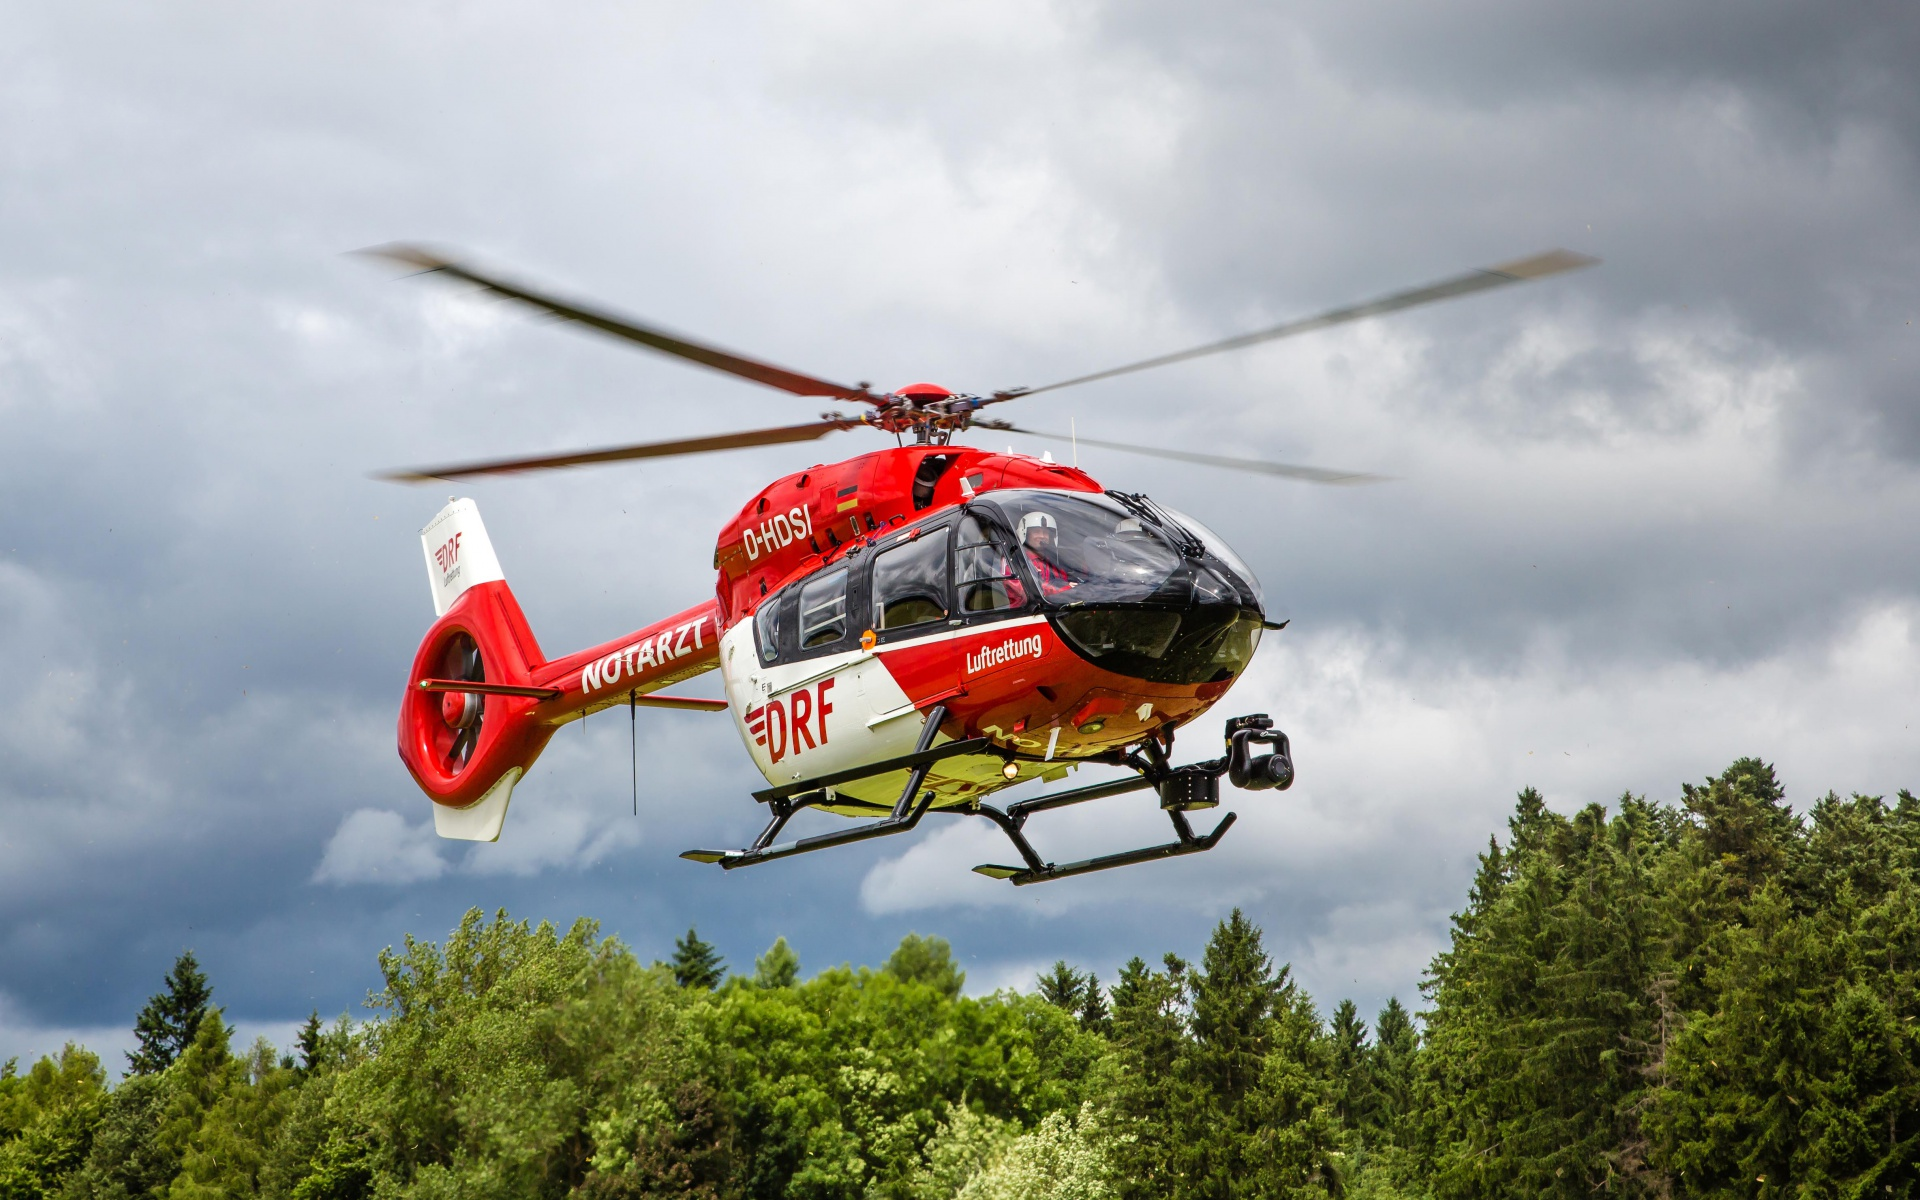 Seit 1. Juli fliegt an der Station eine H 145, die für Einsätze in der Nacht besonderes geeignet ist. Symbolbild.